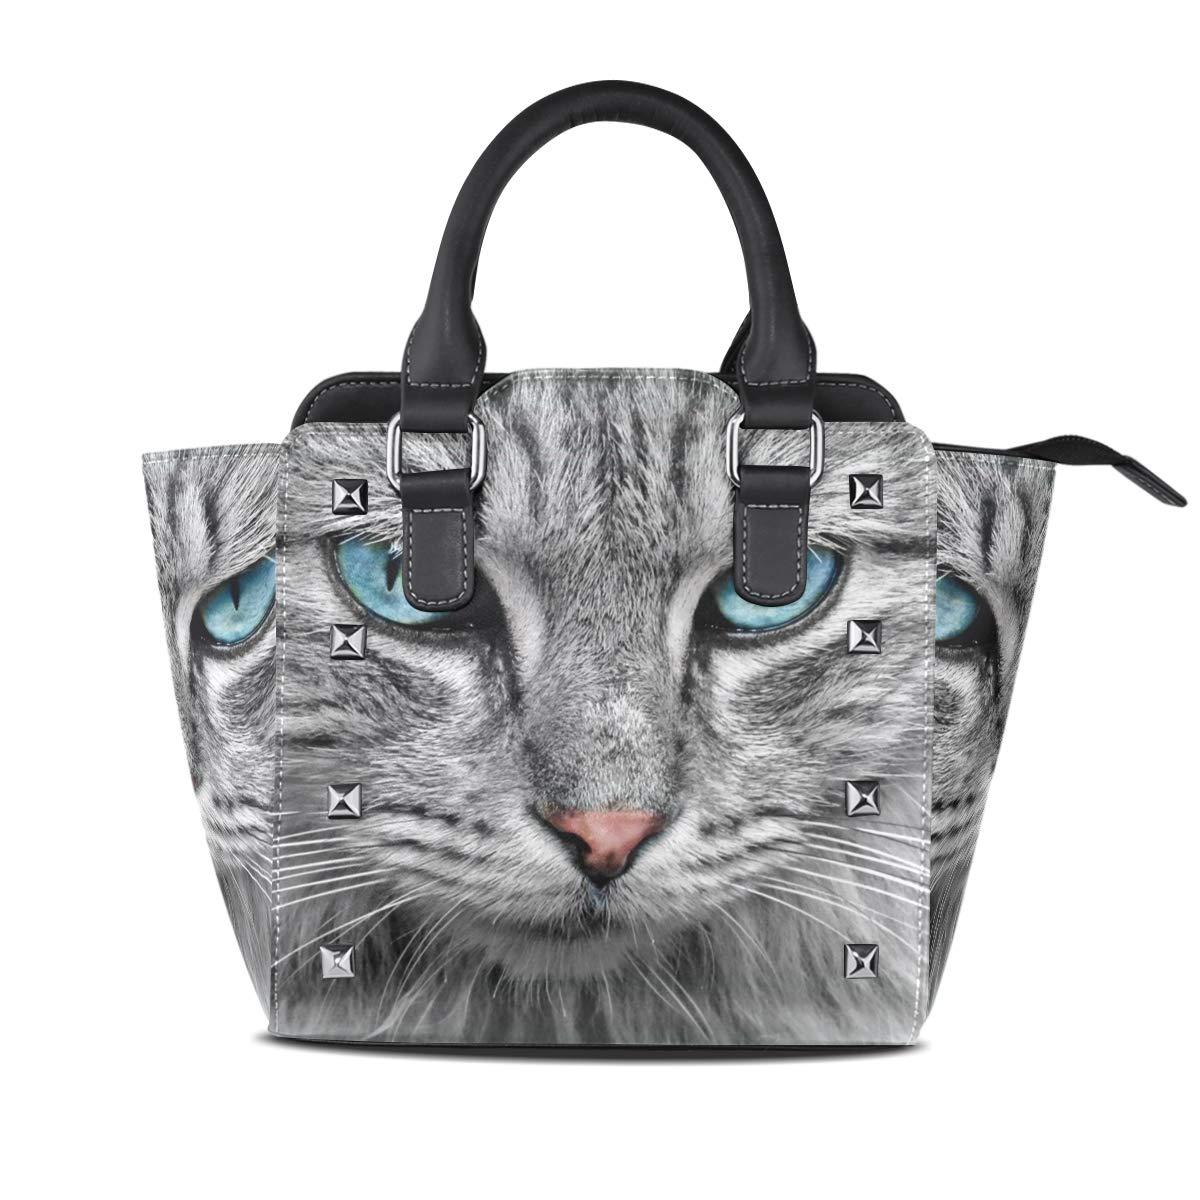 Design1 Handbag bluee Eyed Cat Genuine Leather Tote Rivet Bag Shoulder Strap Top Handle Women